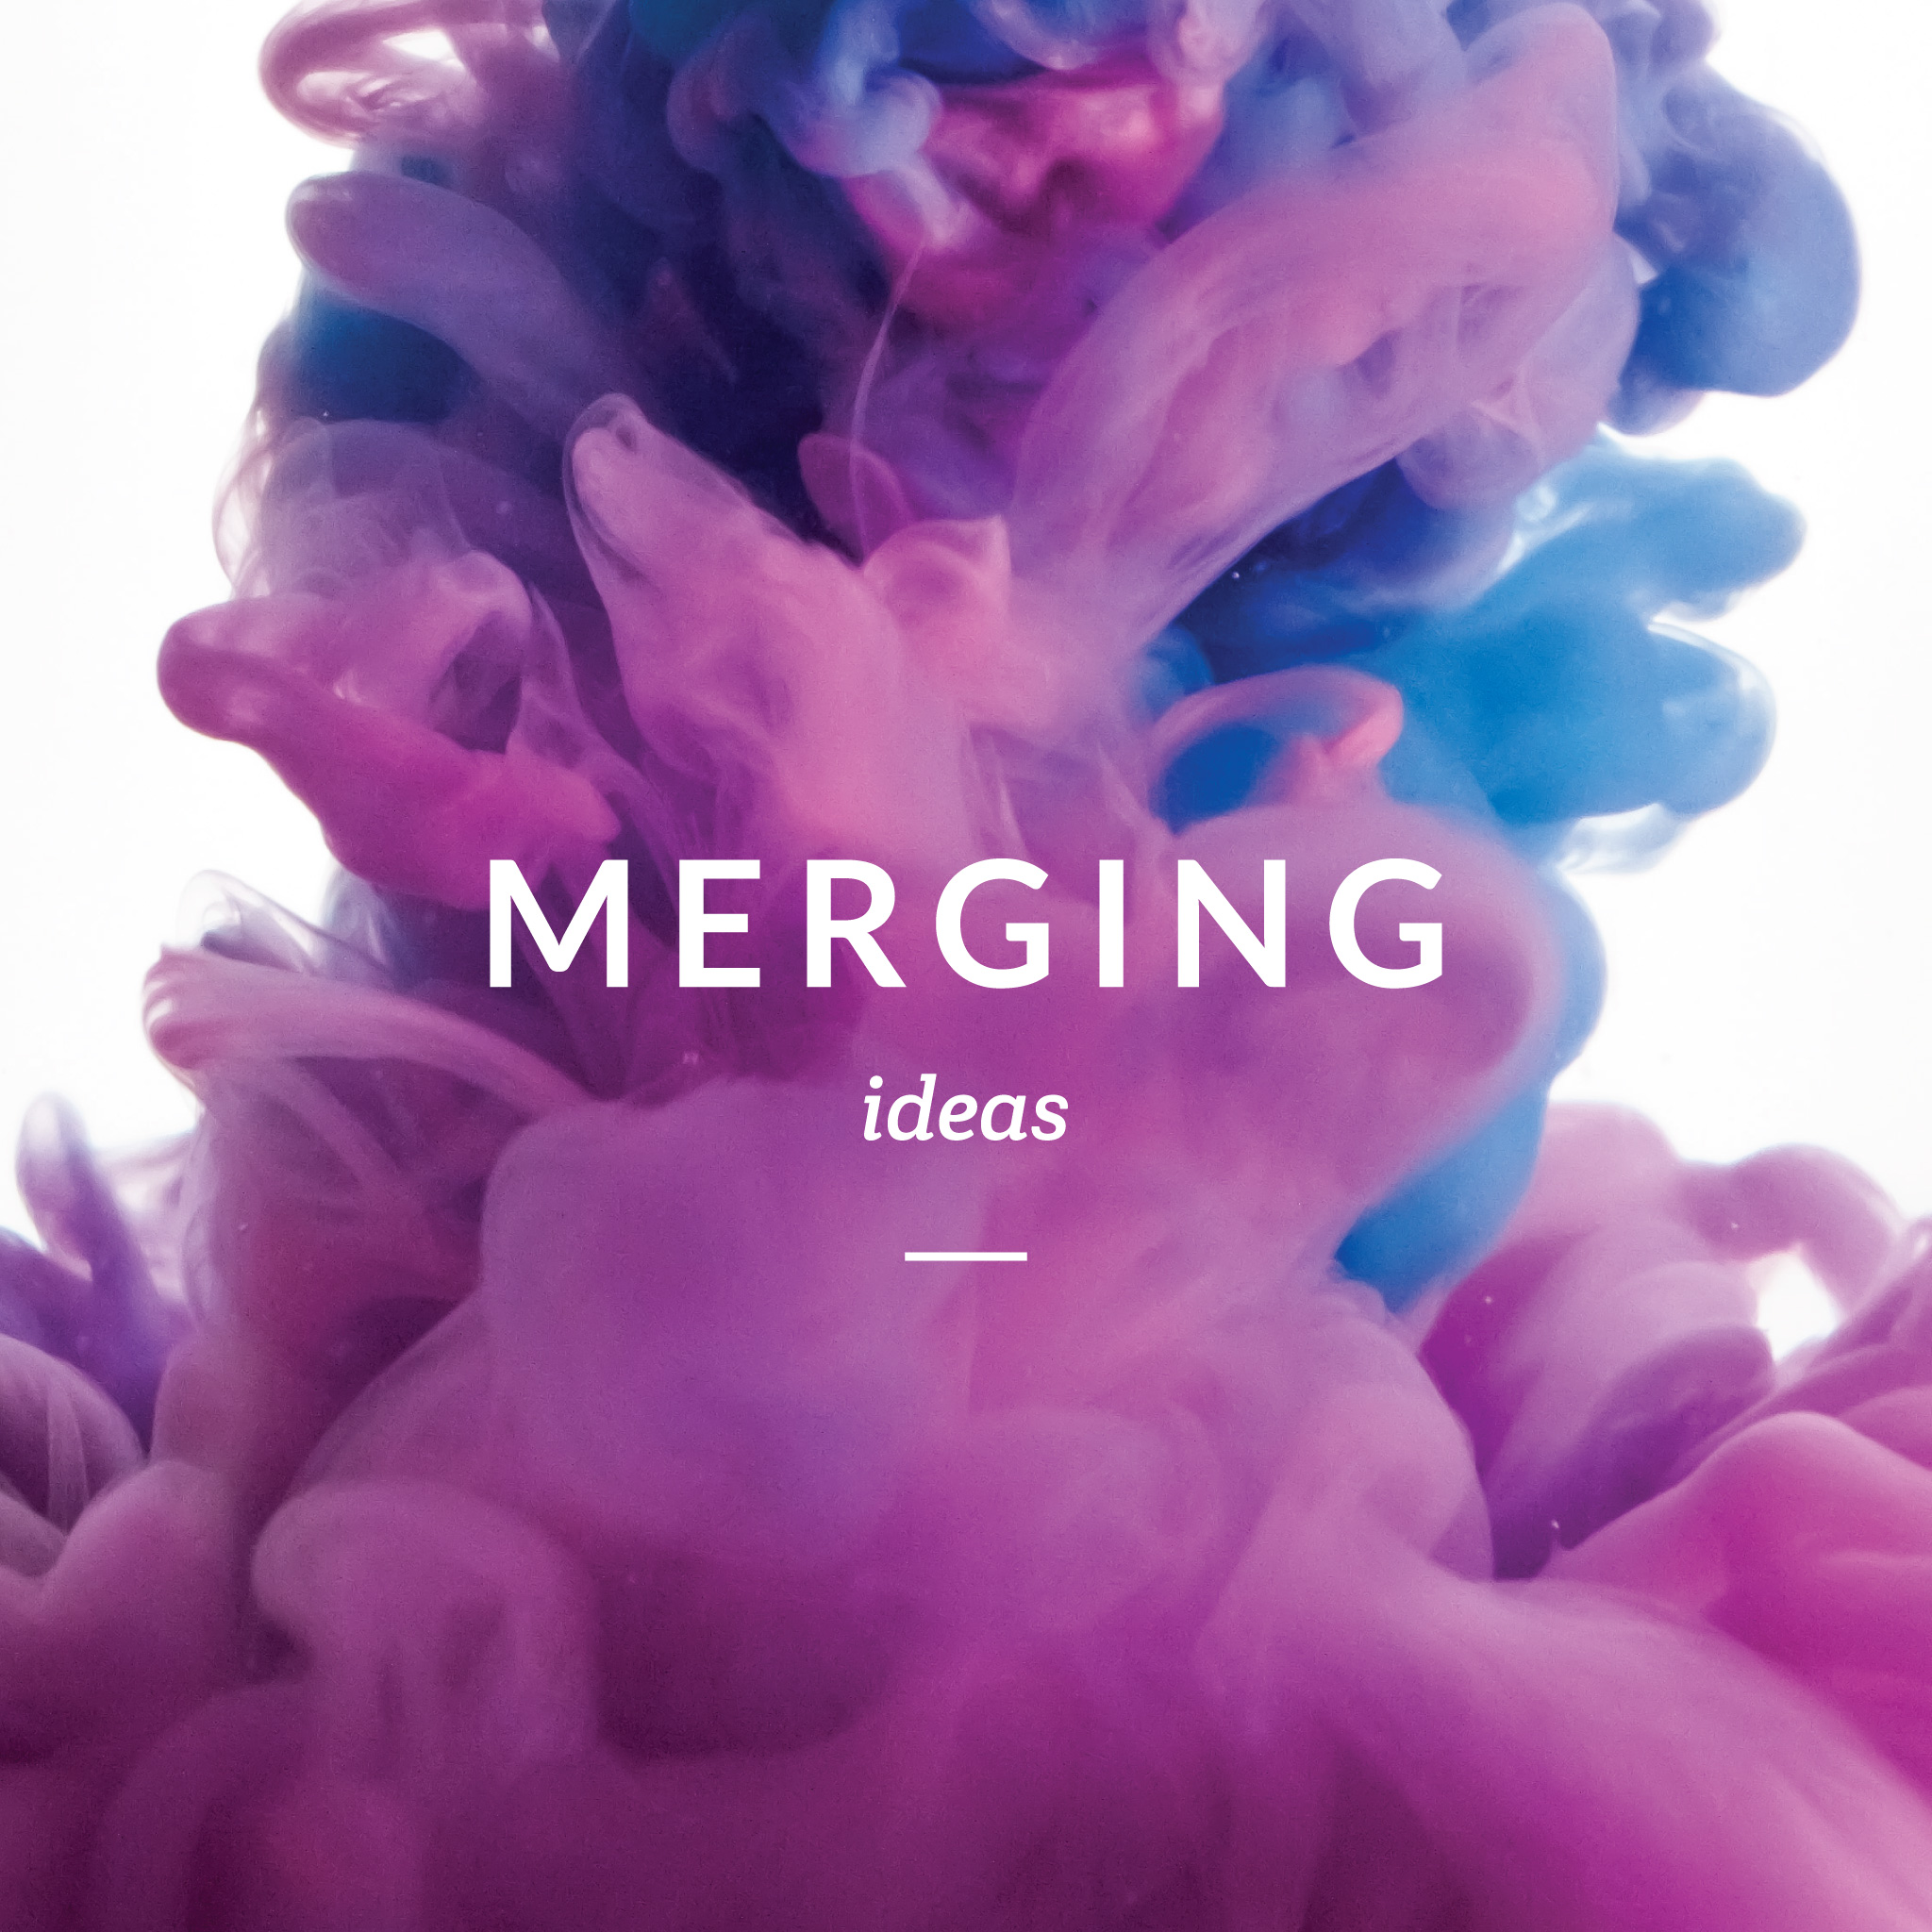 MergingHQ 03 MERGING   Incontro e scontro di flussi di design